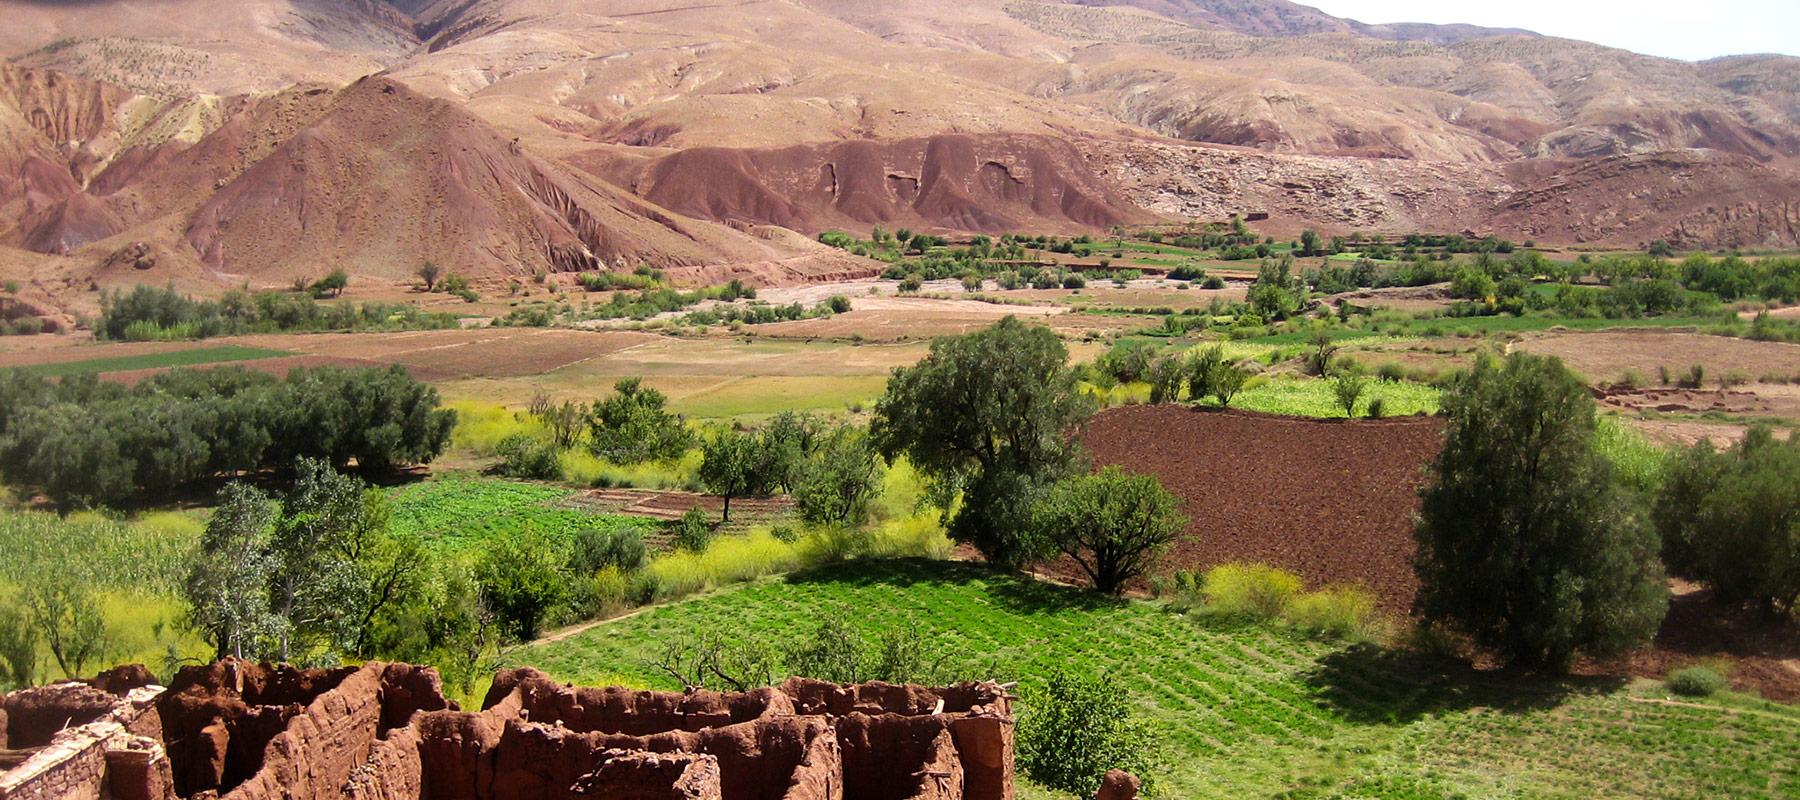 circuit en moto au maroc dans le desert